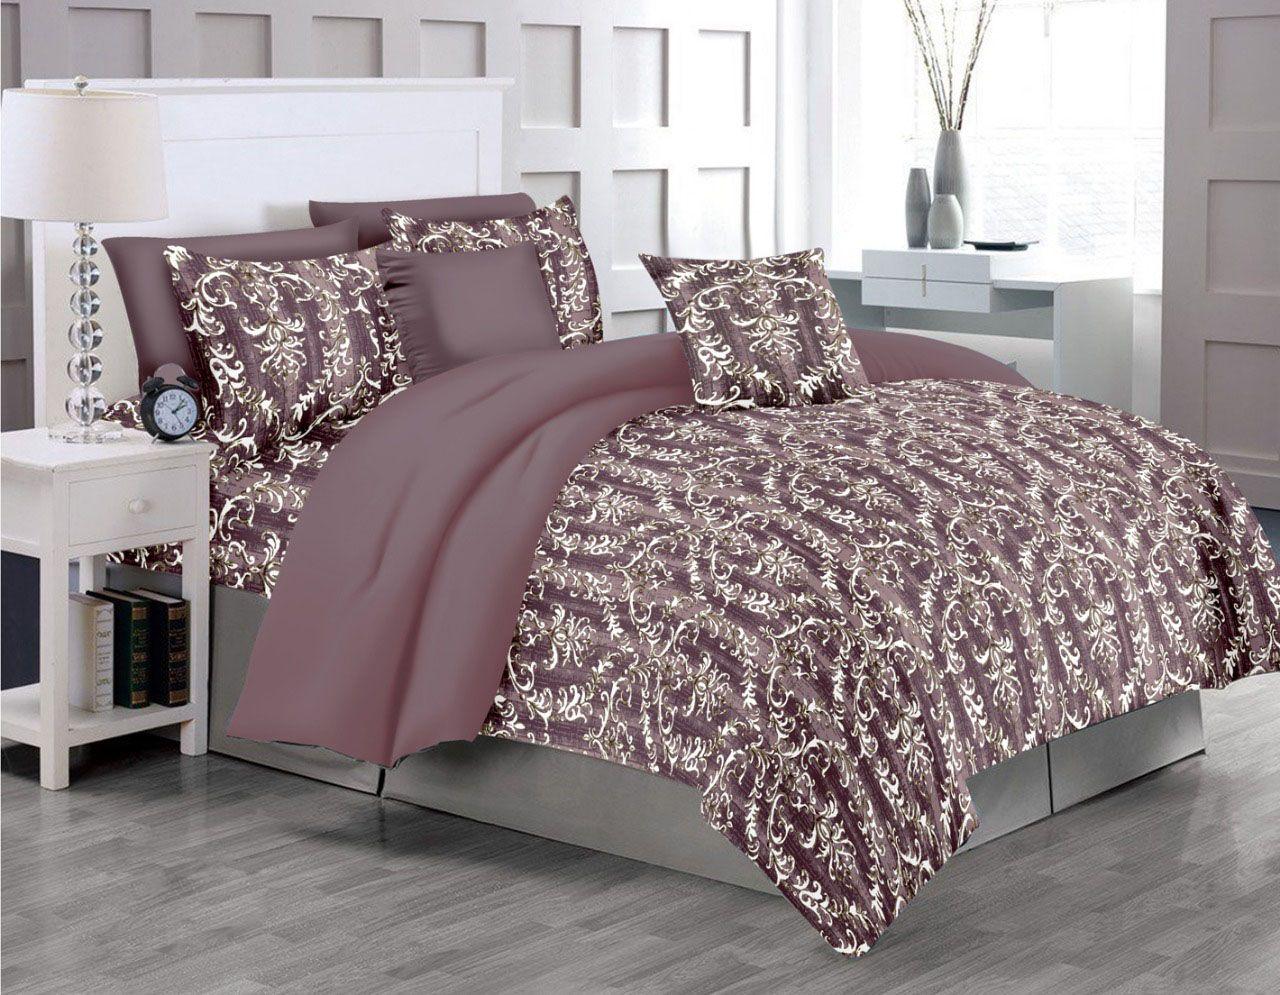 Wholesale Designer Bed Sheets In 2020 Designer Bed Sheets